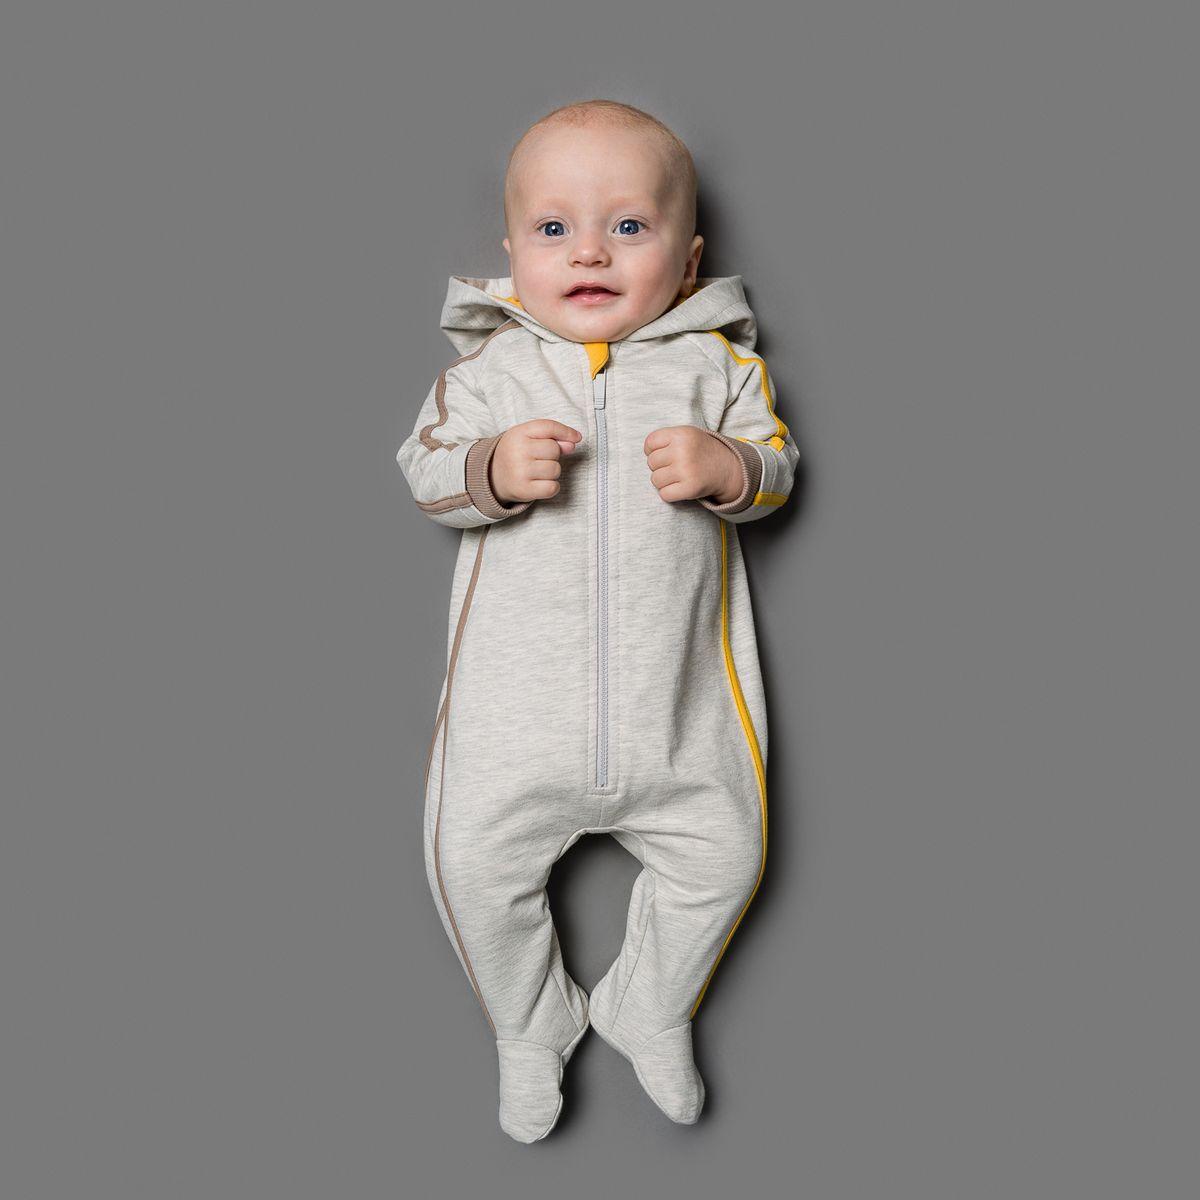 Комбинезон домашний22-521Комбинезон Ёмаё, изготовленный из футера - очень удобный и практичный вид одежды для малышей. Комбинезон с капюшоном и закрытыми ножками застегивается спереди на пластиковую застежку-молнию, что помогает с легкостью переодеть ребенка. На рукавах предусмотрены широкие эластичные манжеты, не пережимающие ручки малыша. Сзади модель дополнена двумя накладными кармашками. Оформлено изделие контрастными бейками и принтом на спортивную тематику. Комбинезон полностью соответствует особенностям жизни младенца в ранний период, не стесняя и не ограничивая его в движениях!